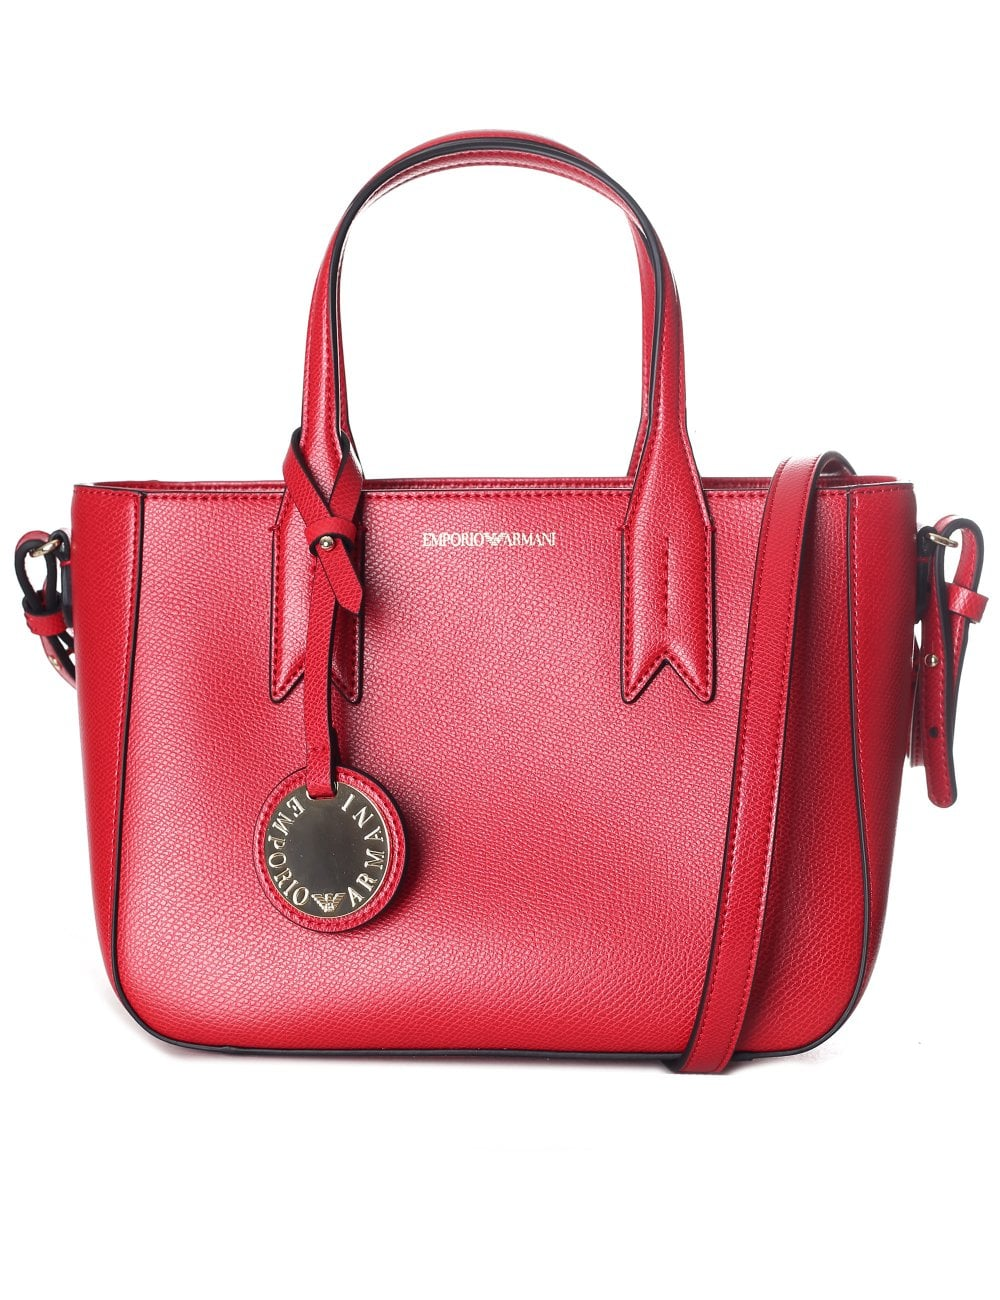 3ed90a7a2fa ... Shopping Tote Bag · Women  039 s Emporio Armani Shopping ...